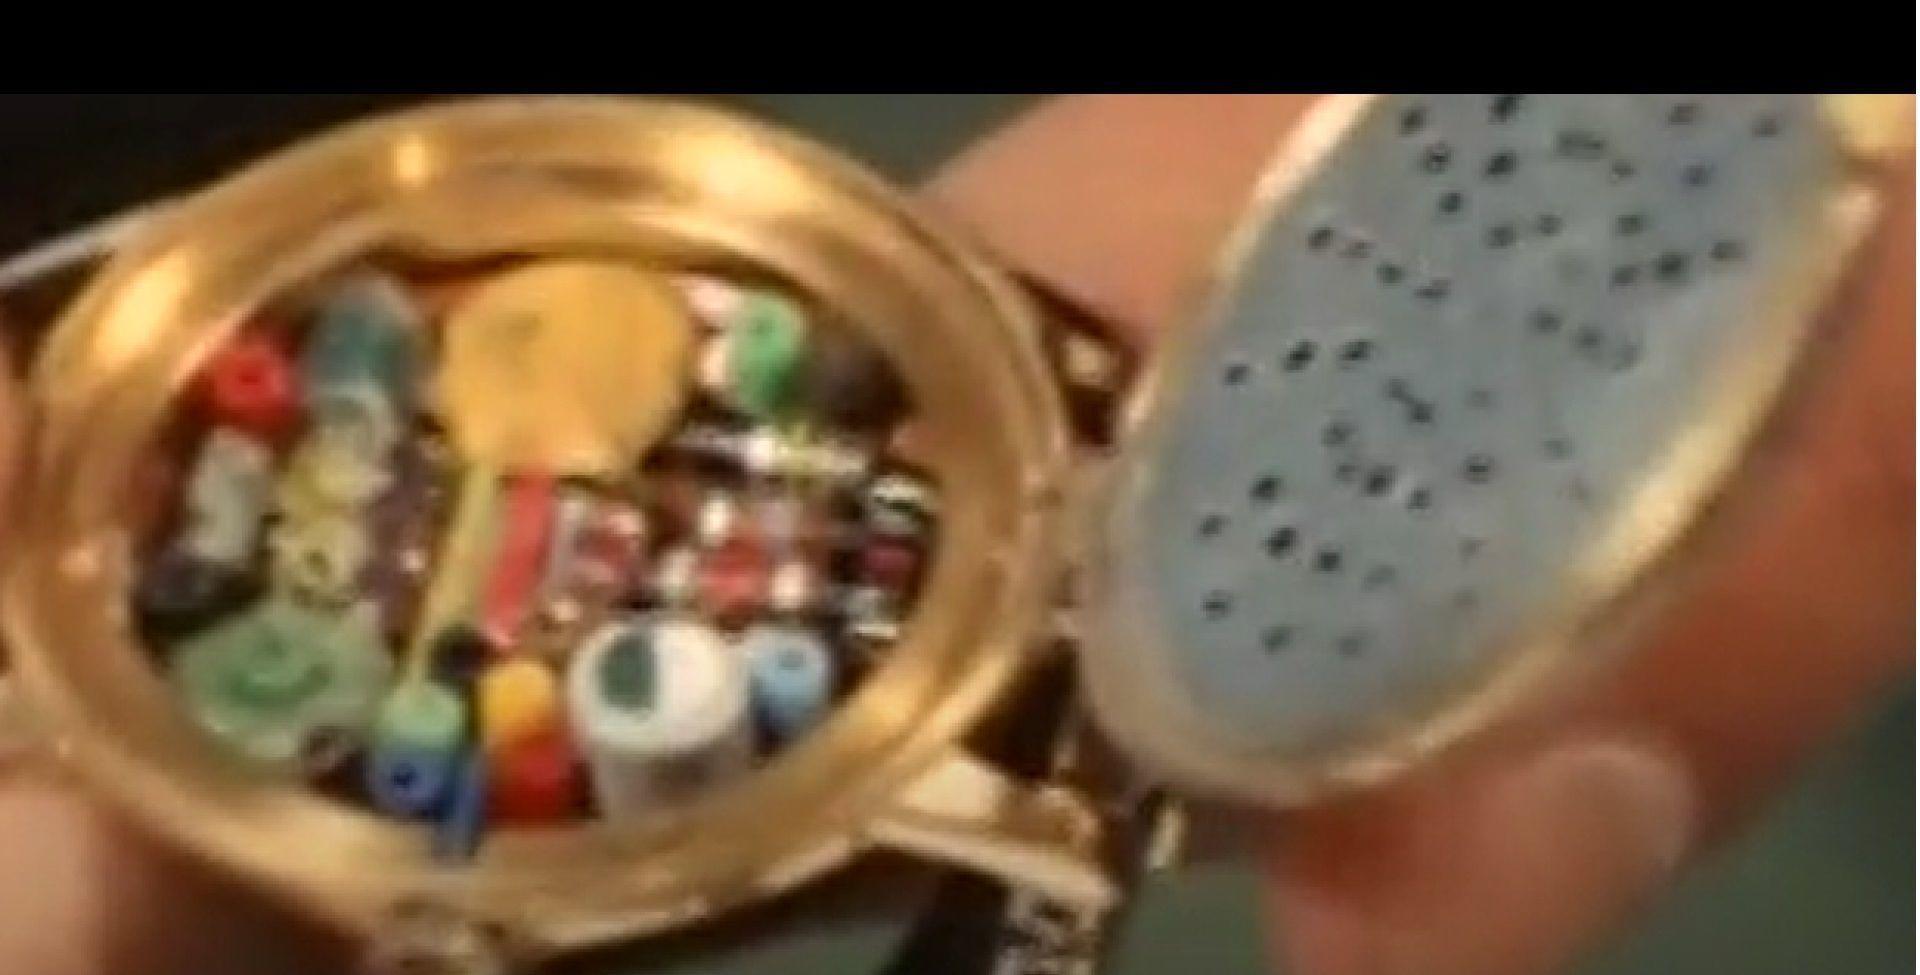 Johnny Sokko Giant Robot Wrist Watch